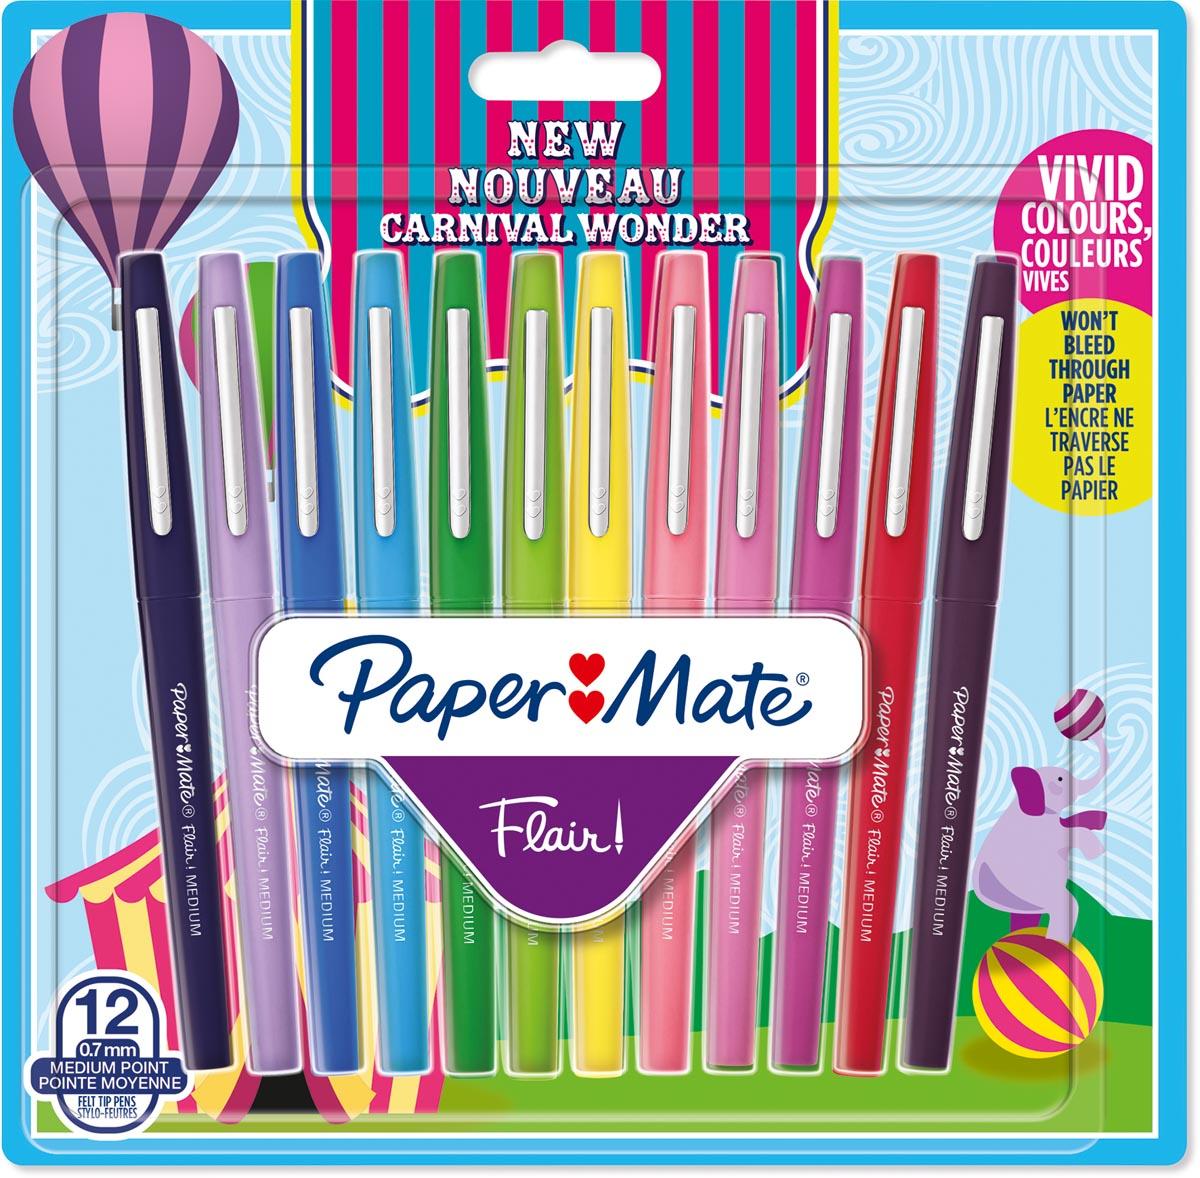 Paper Mate viltstift Flair Carnaval, blister met 12 stuks in geassorteerde kleuren